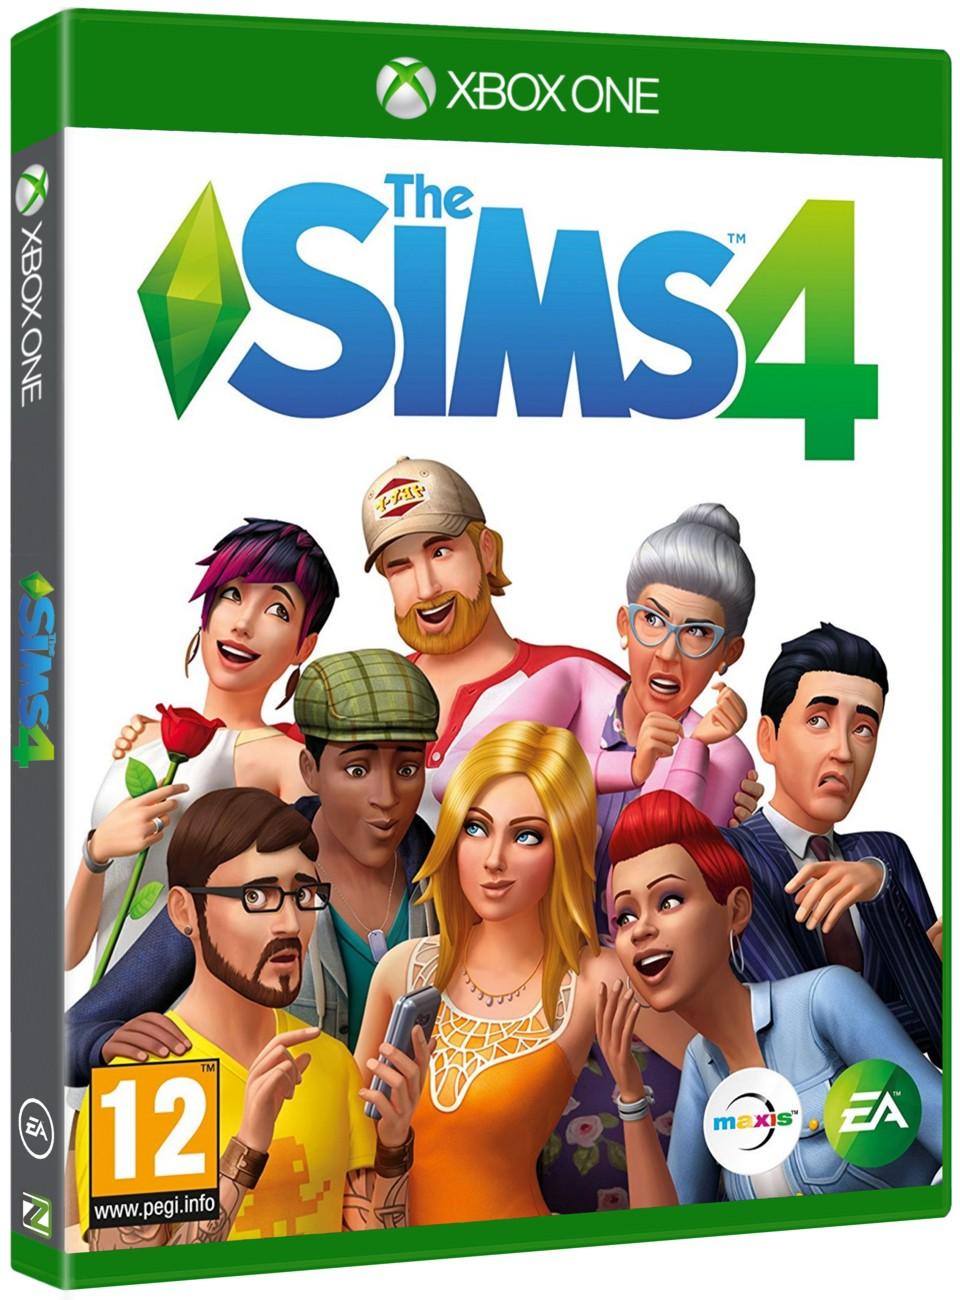 The Sims 4 - Xone